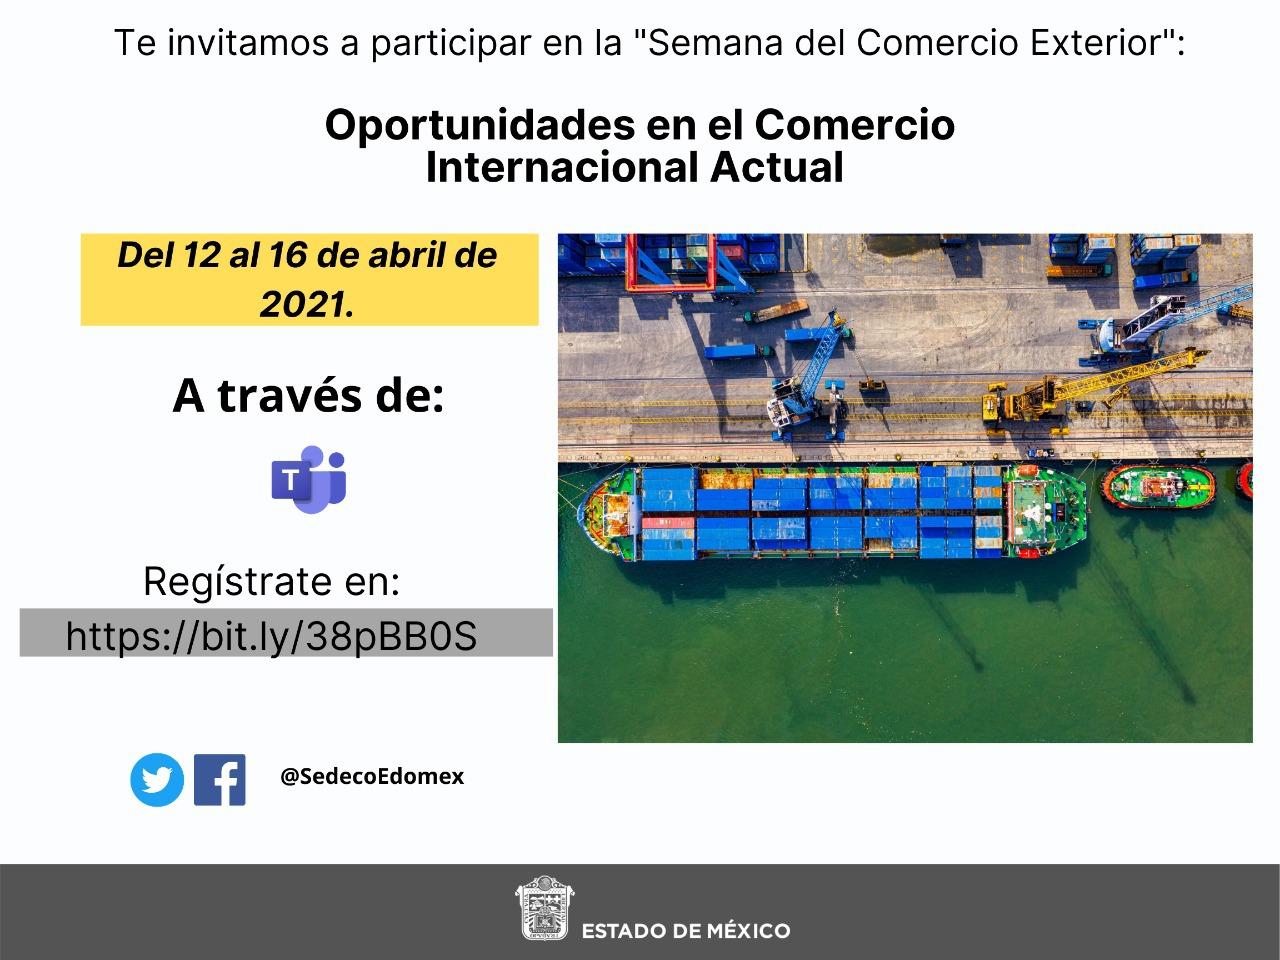 ESTOS SERÁN LOS TEMAS DE LA SEMANA DEL COMERCIO EXTERIOR, ¡PARTICIPA!